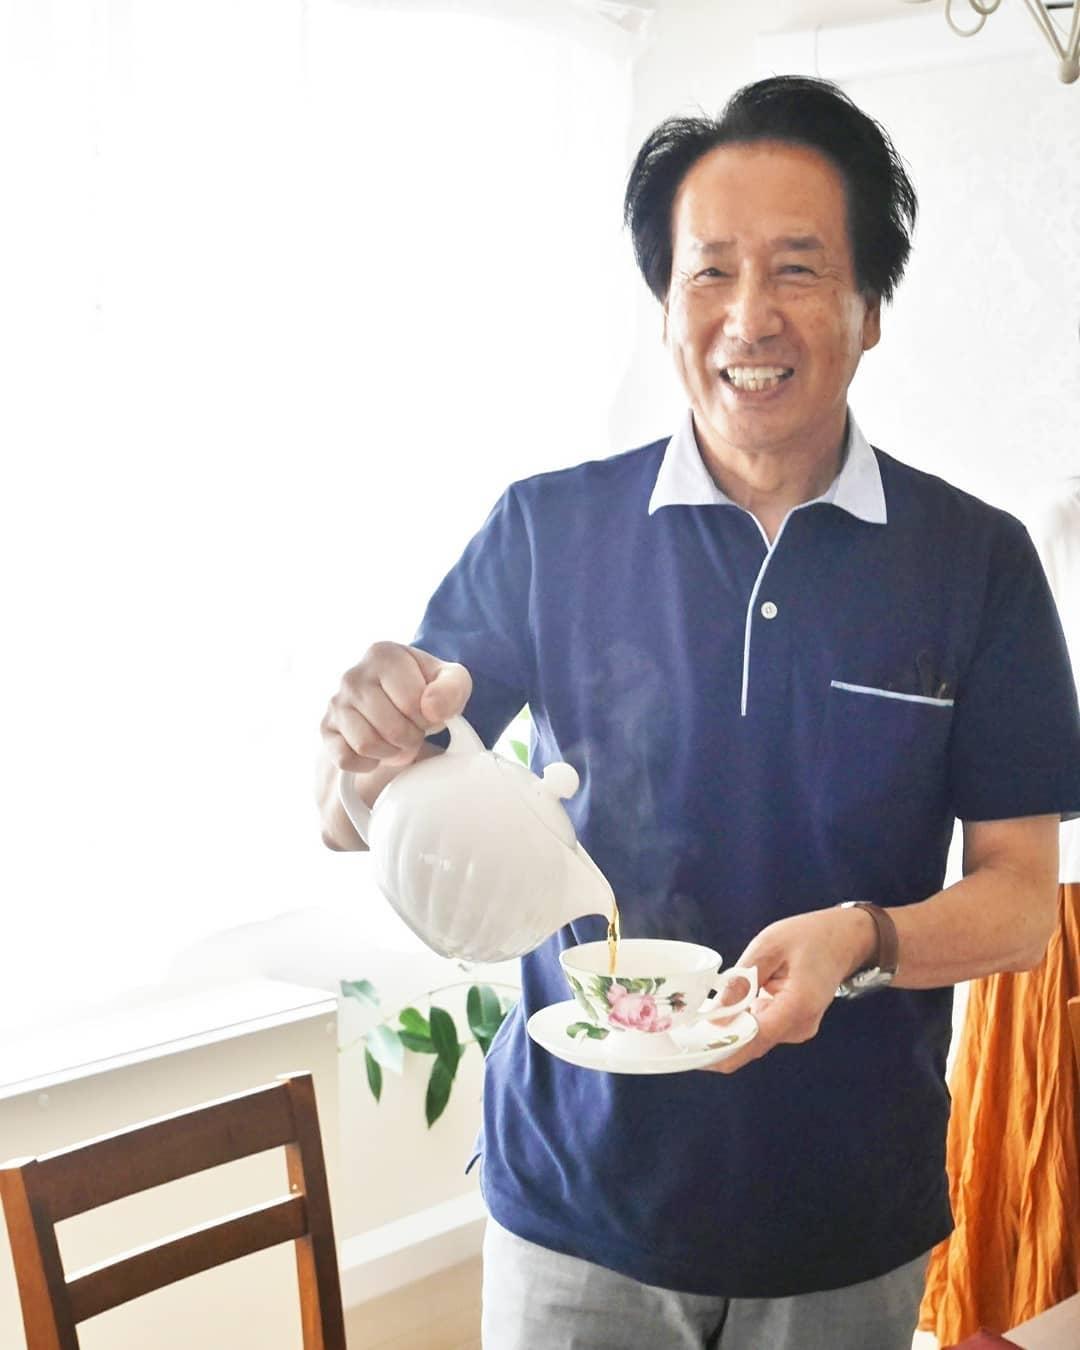 紅茶研究家 磯淵猛先生 わたしの大好きな師匠